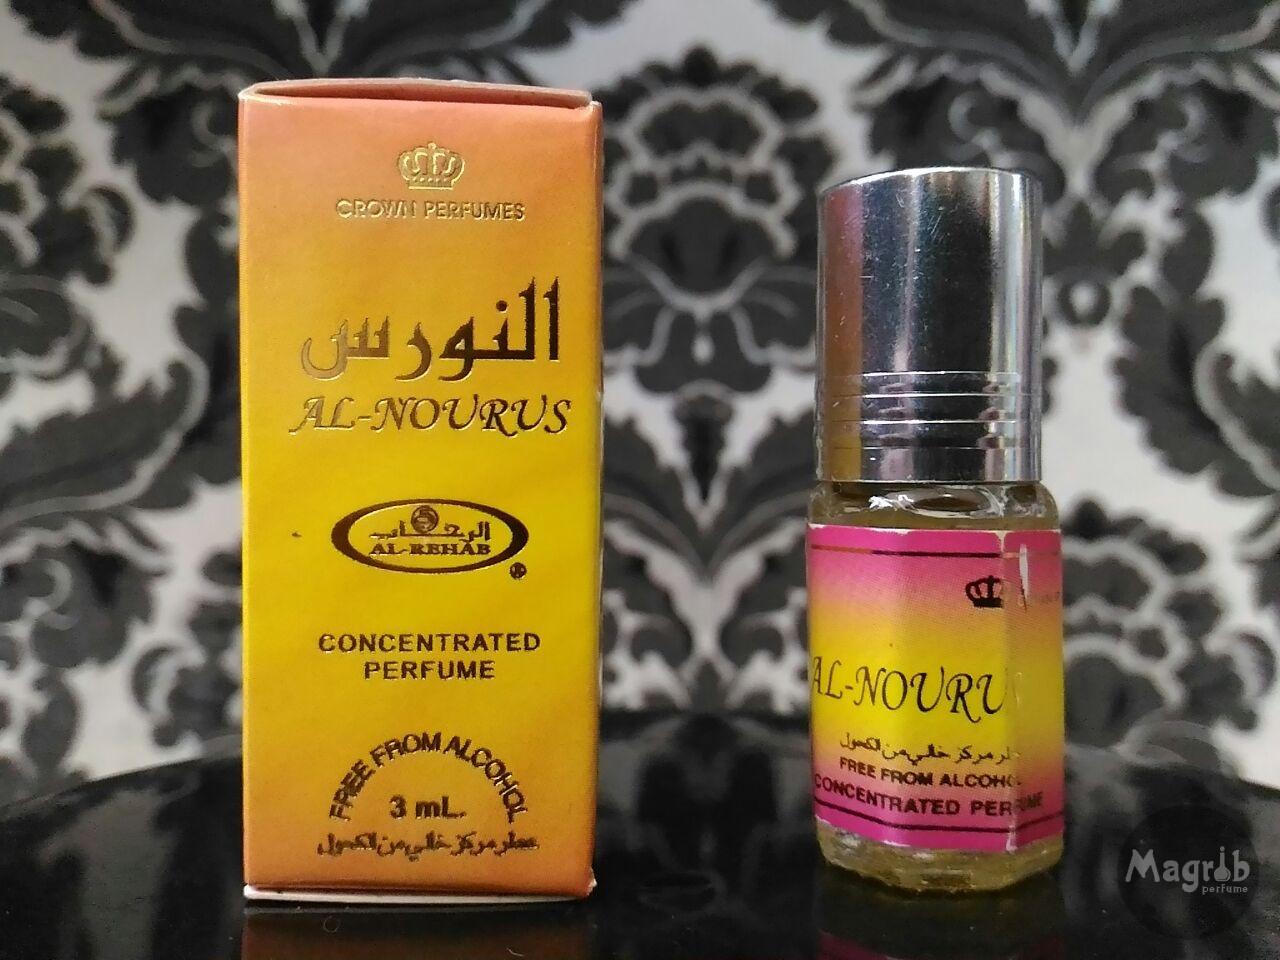 Al-Rehab Al-Nourus 3ml - женские масляные духи